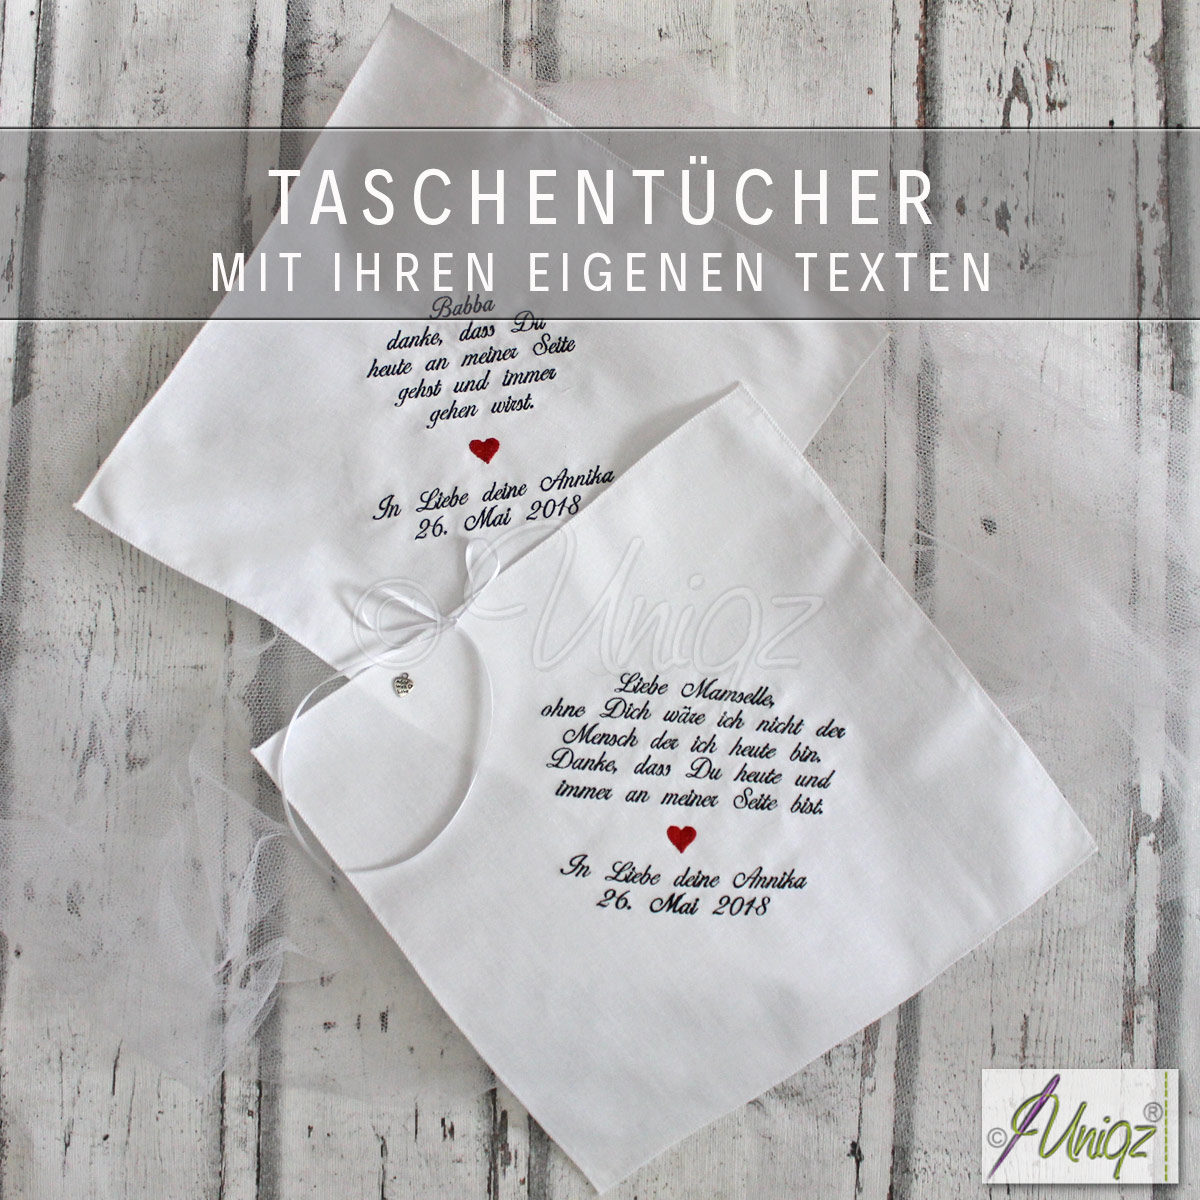 Zur Hochzeit - Freudentränentaschentücher mit Ihren eigenen Texten.